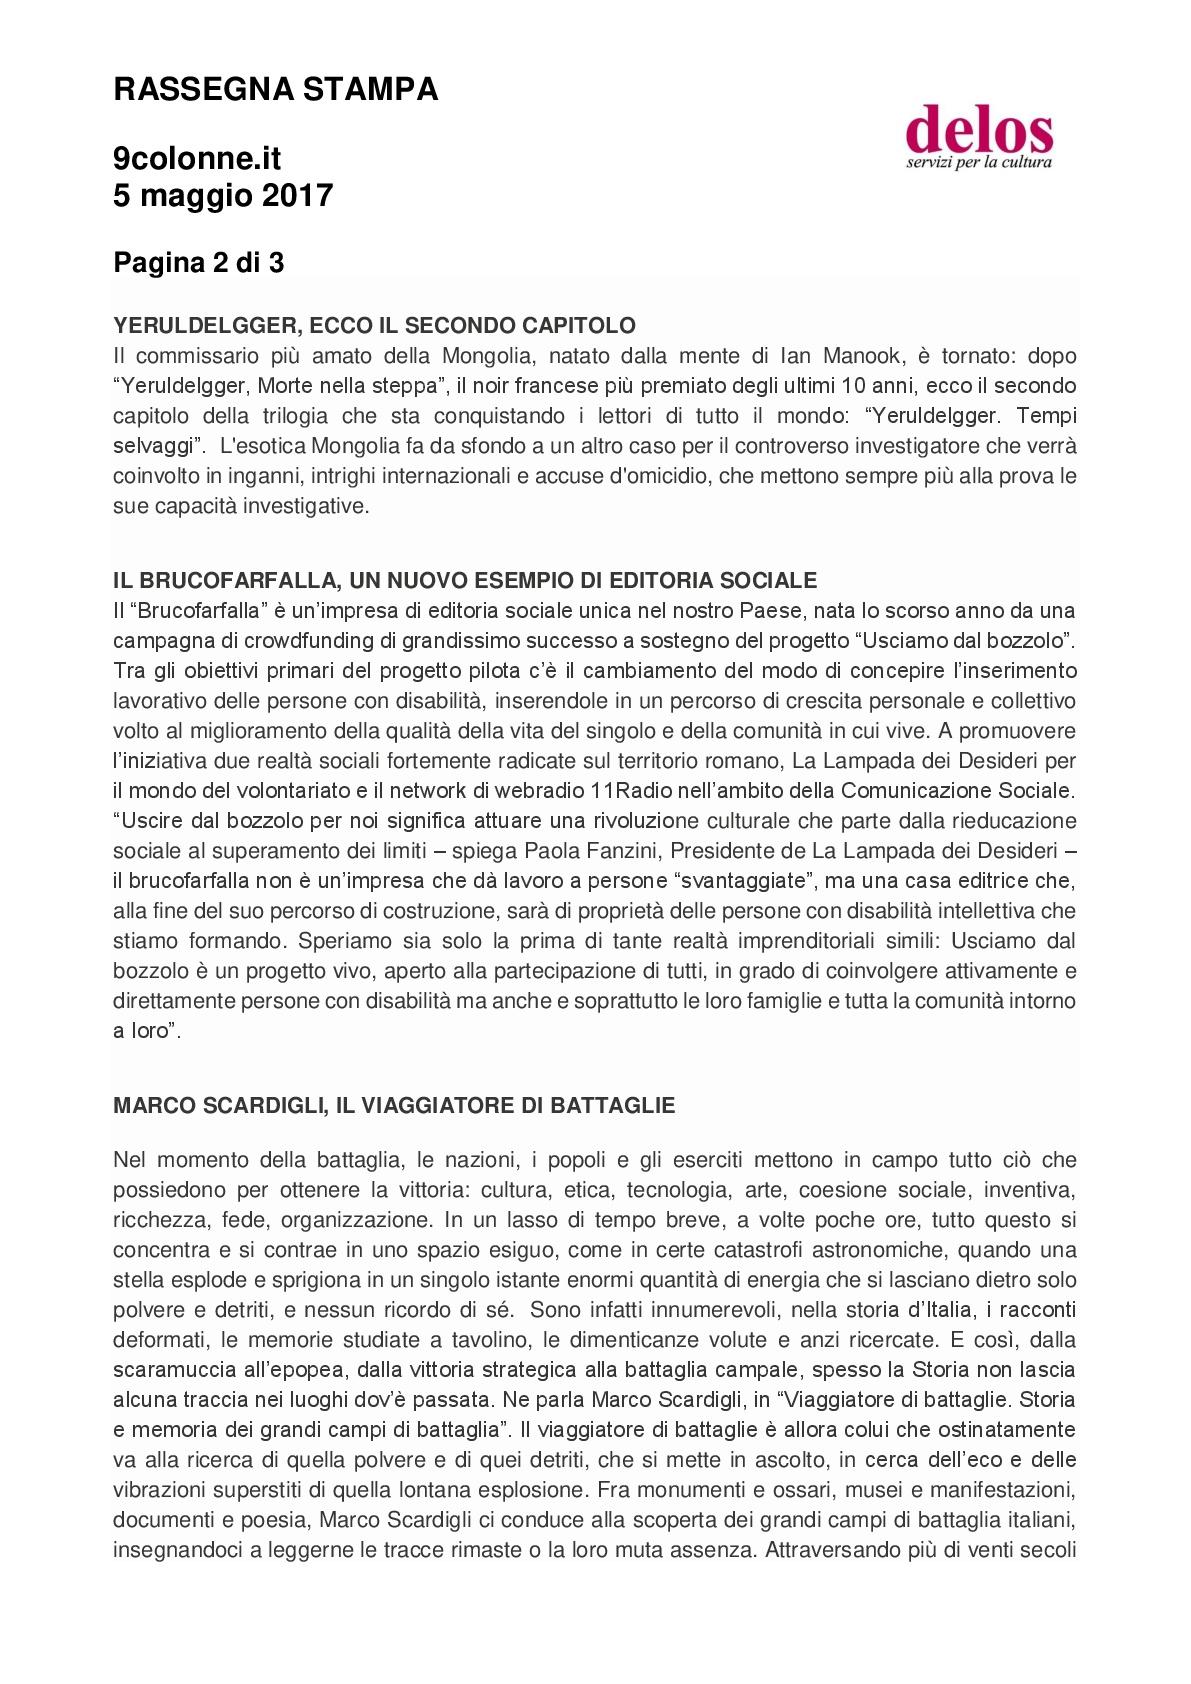 9colonne.it 05-05-2017 002